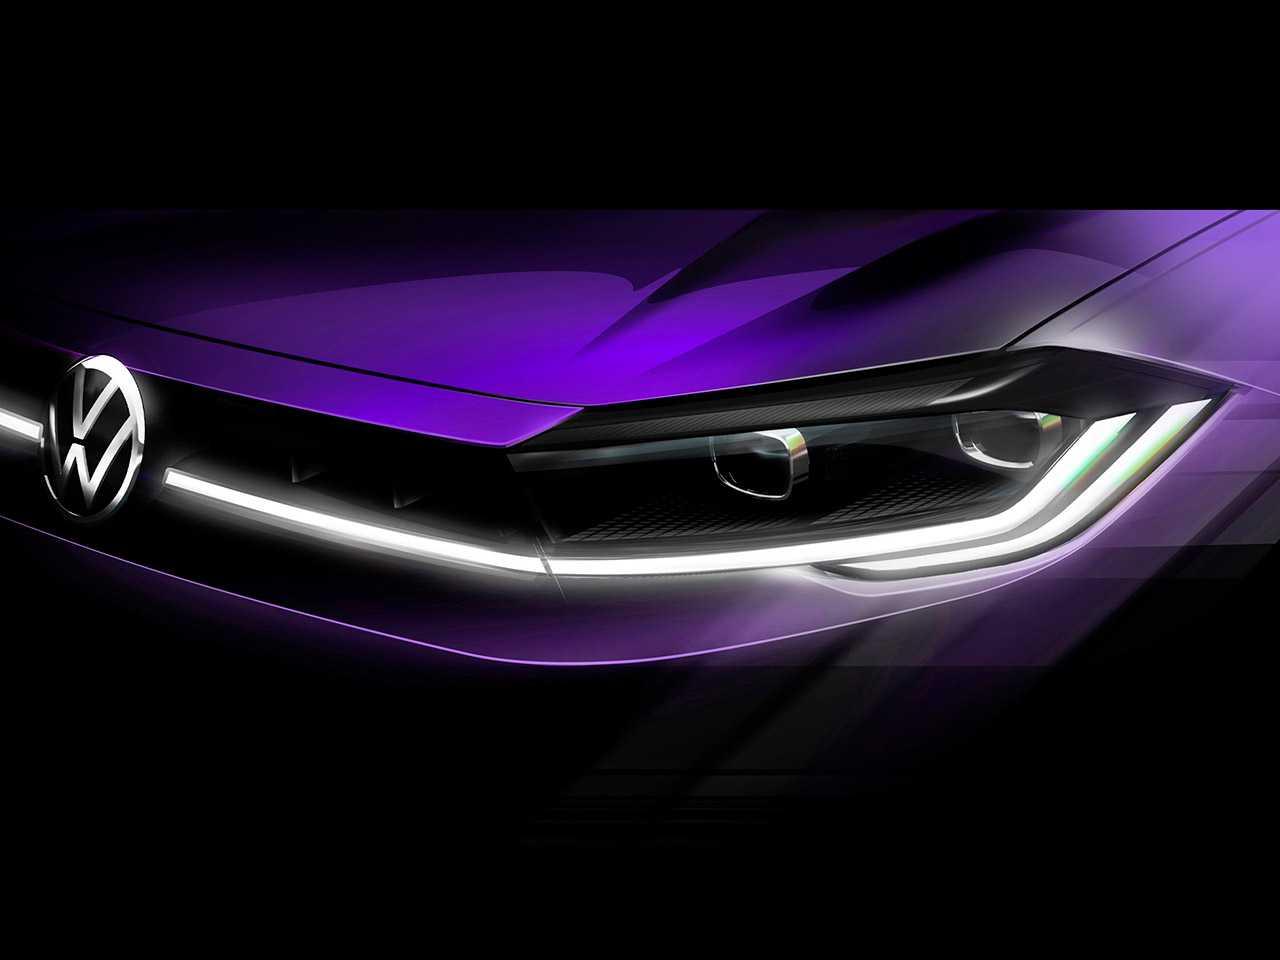 Teaser antecipando o facelift que a atual geração do Polo estreia neste mês